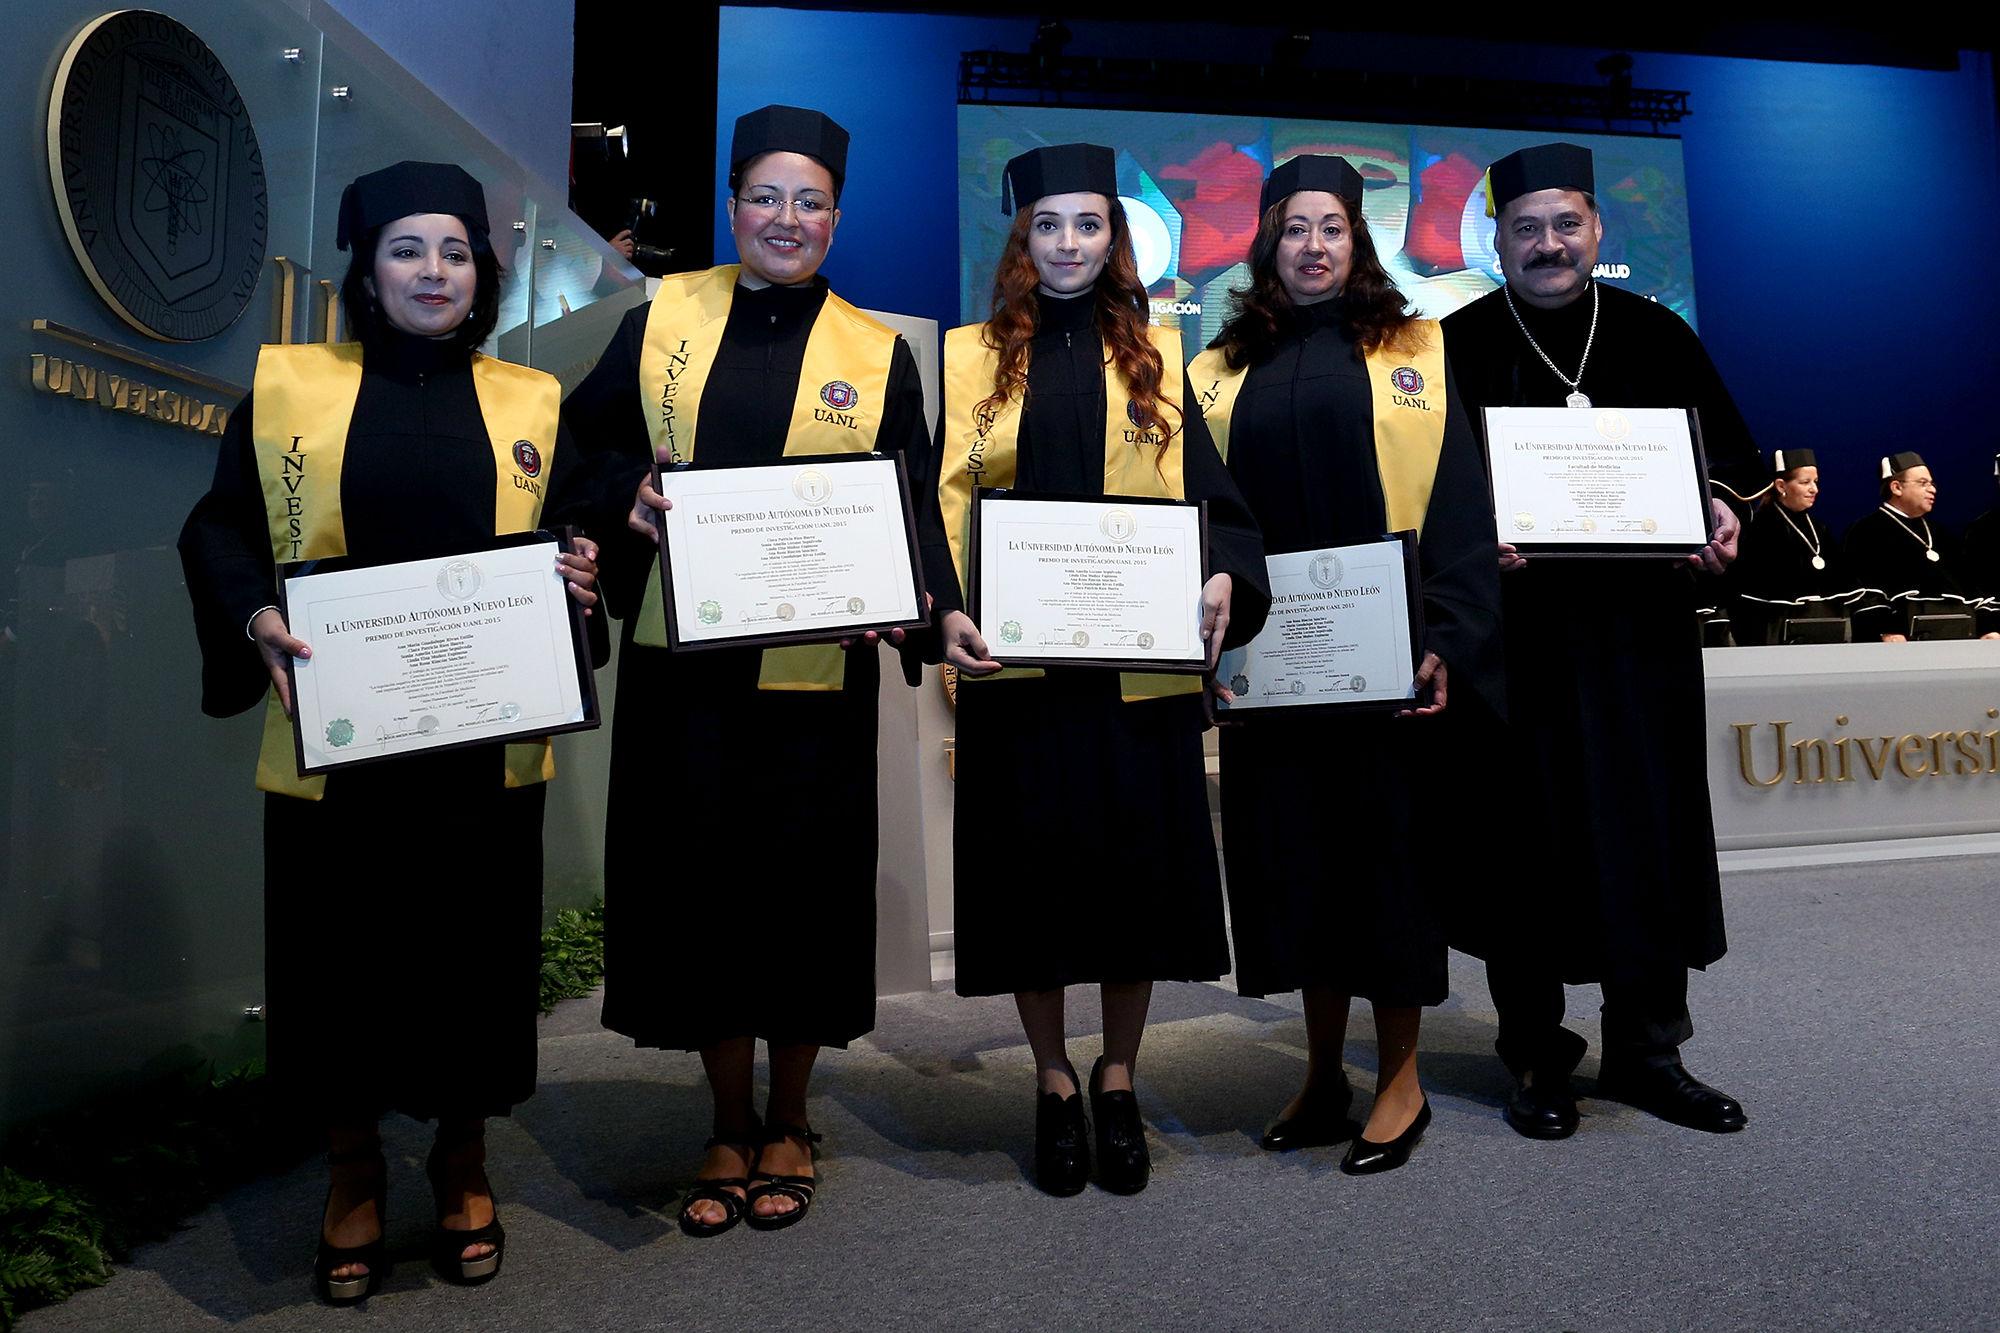 Recibiendo el reconocimiento en Sesión Solemne